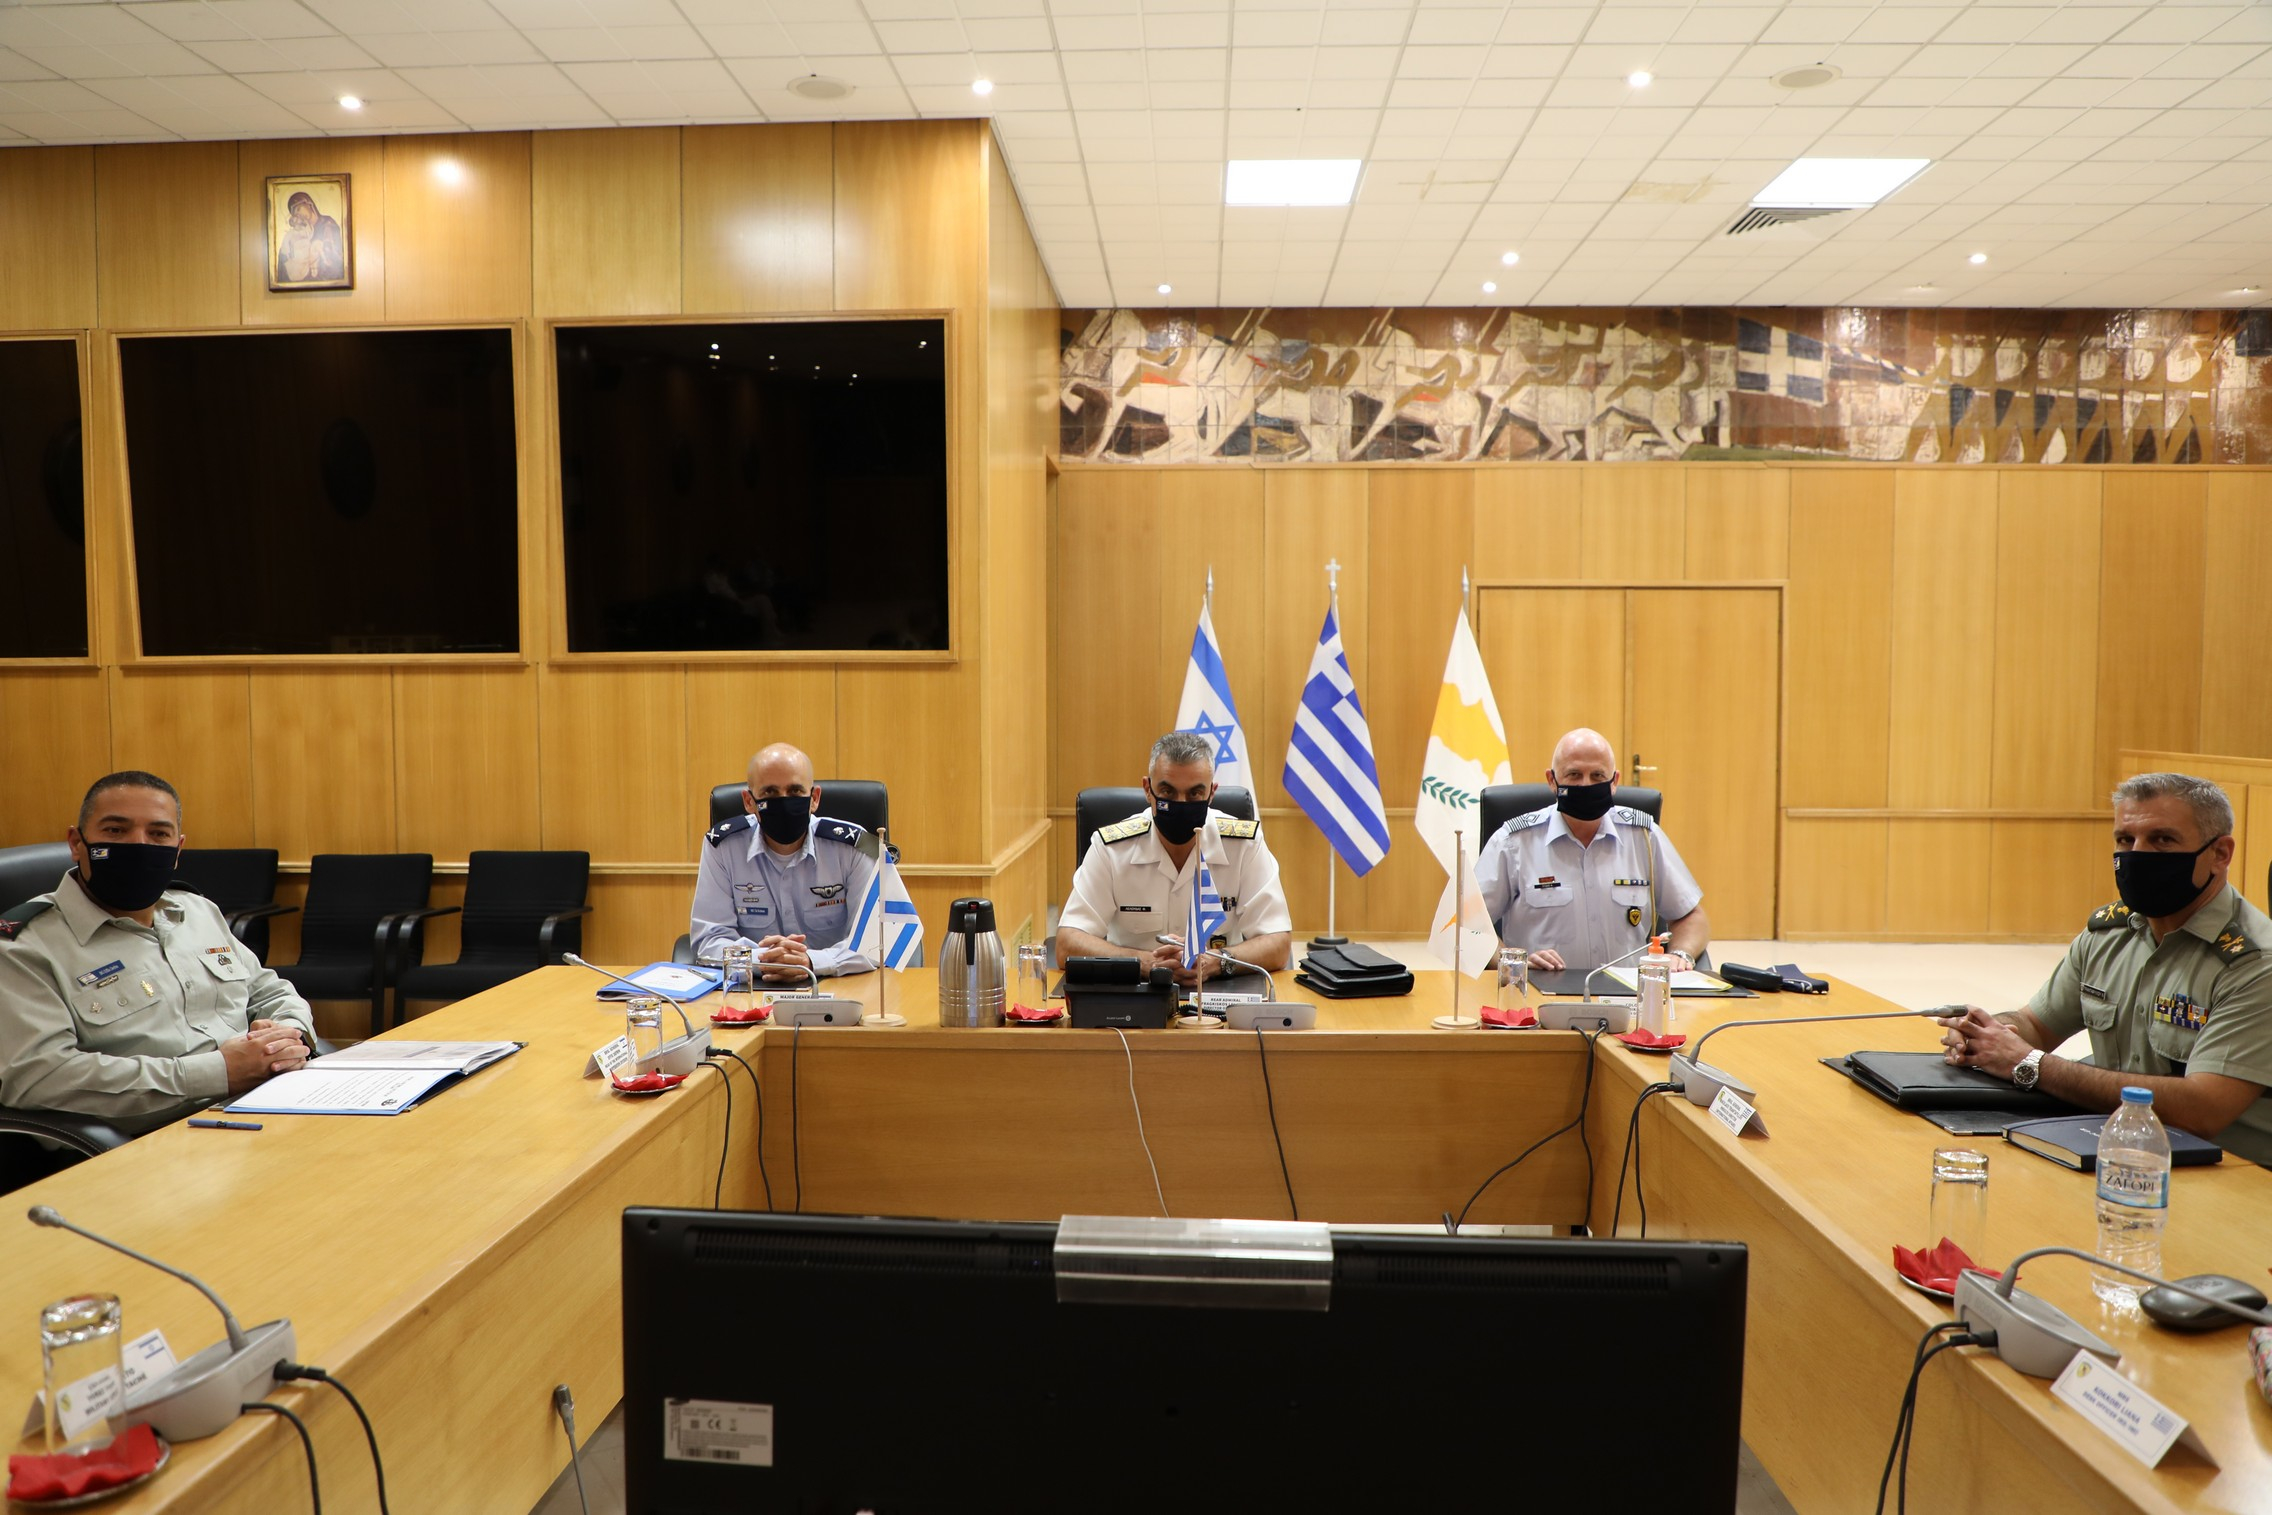 Υπεγράφη το πρόγραμμα τριμερούς στρατιωτικής συνεργασίας ανάμεσα σε Ελλάδα, Κύπρο και Ισραήλ